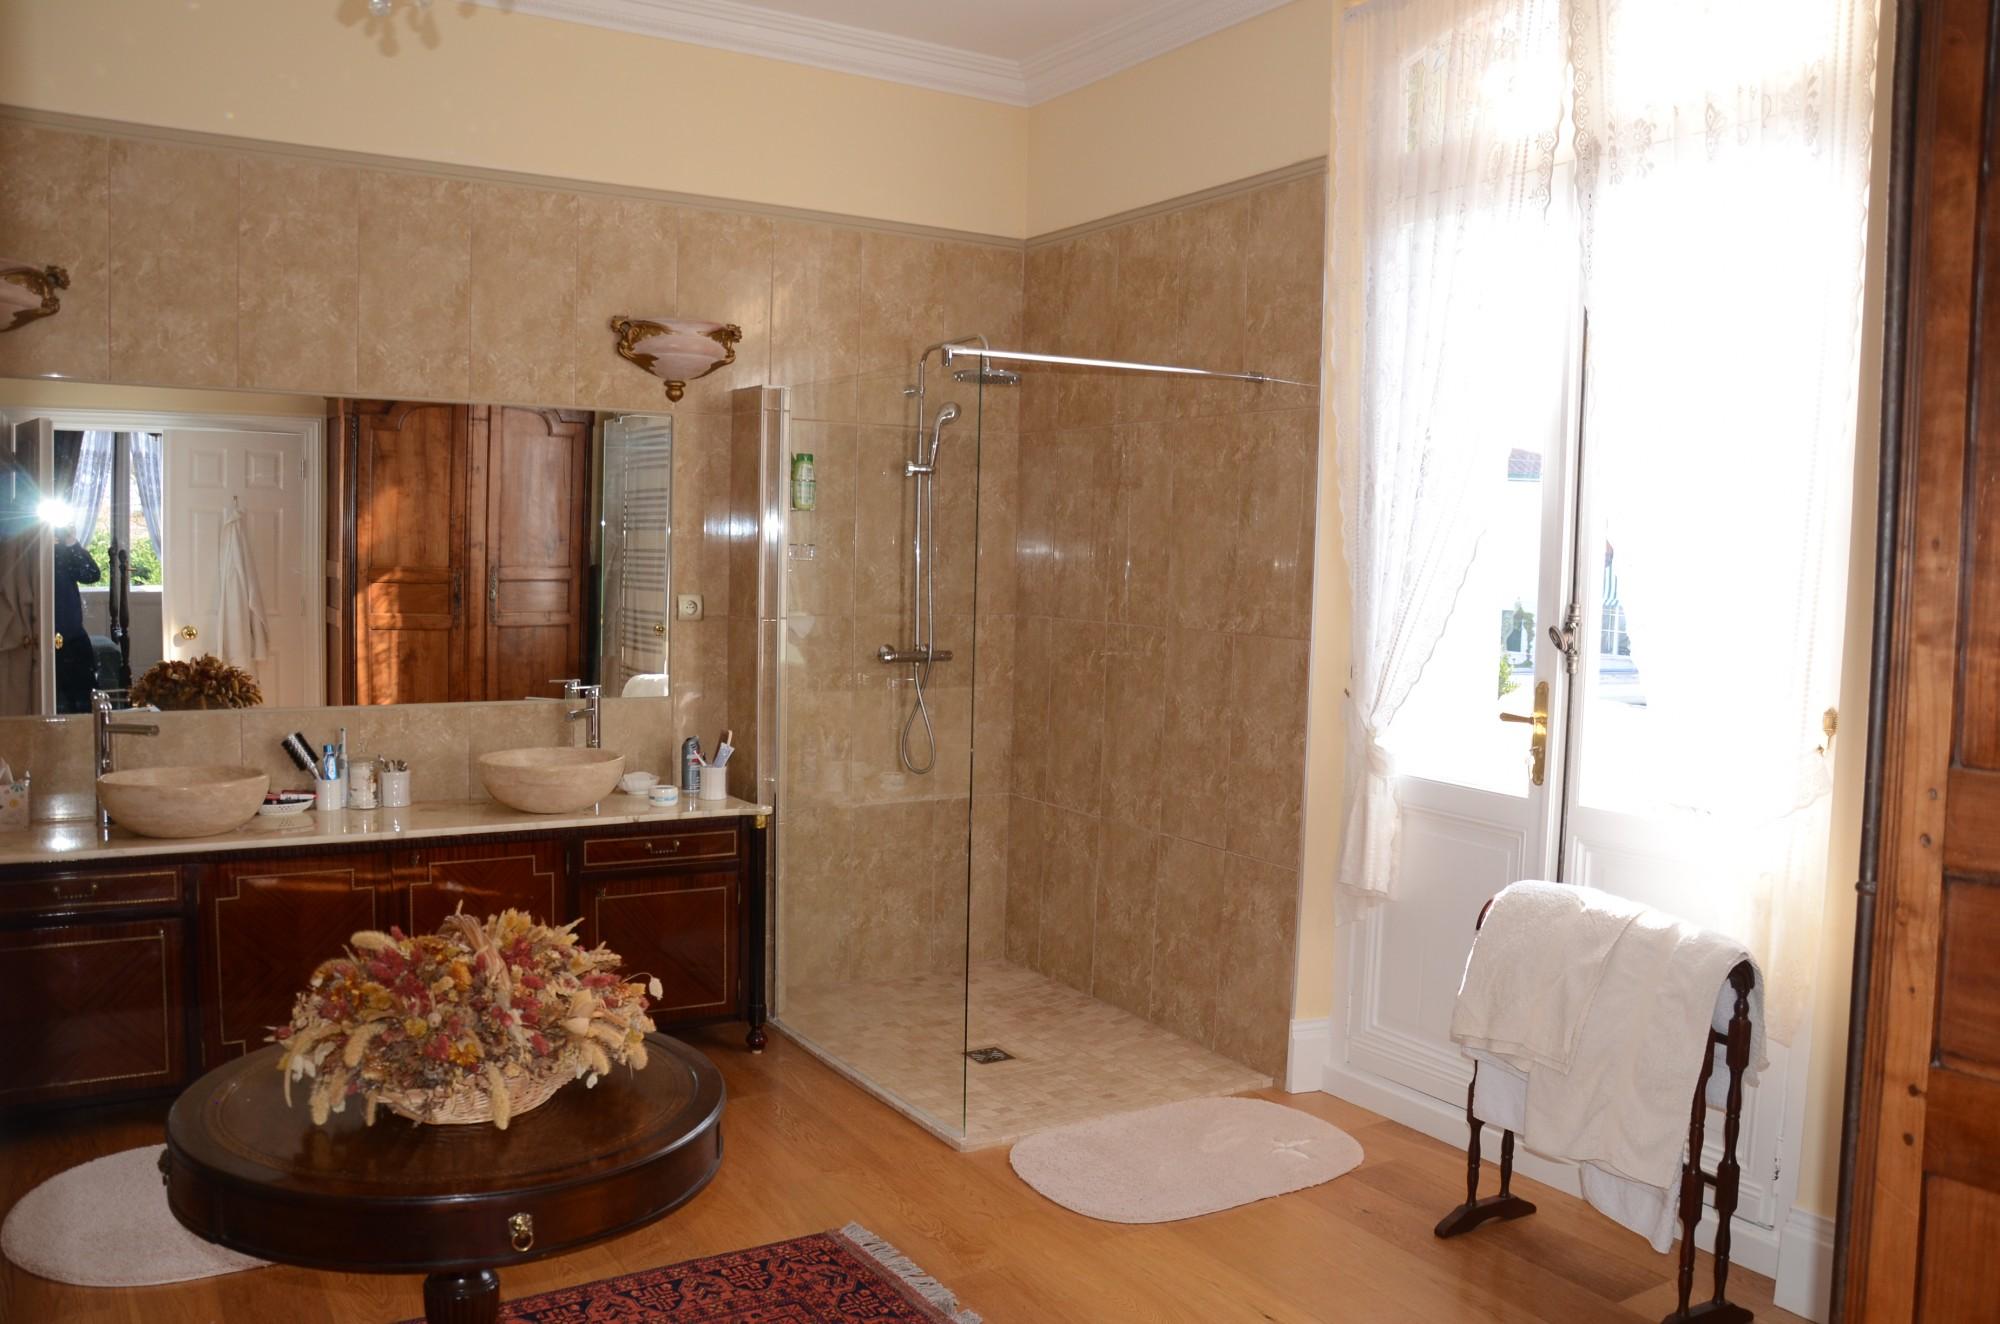 vente superbe villa historique arcachonnaise burgendia arcachon ville d 39 hiver immobilier de luxe. Black Bedroom Furniture Sets. Home Design Ideas